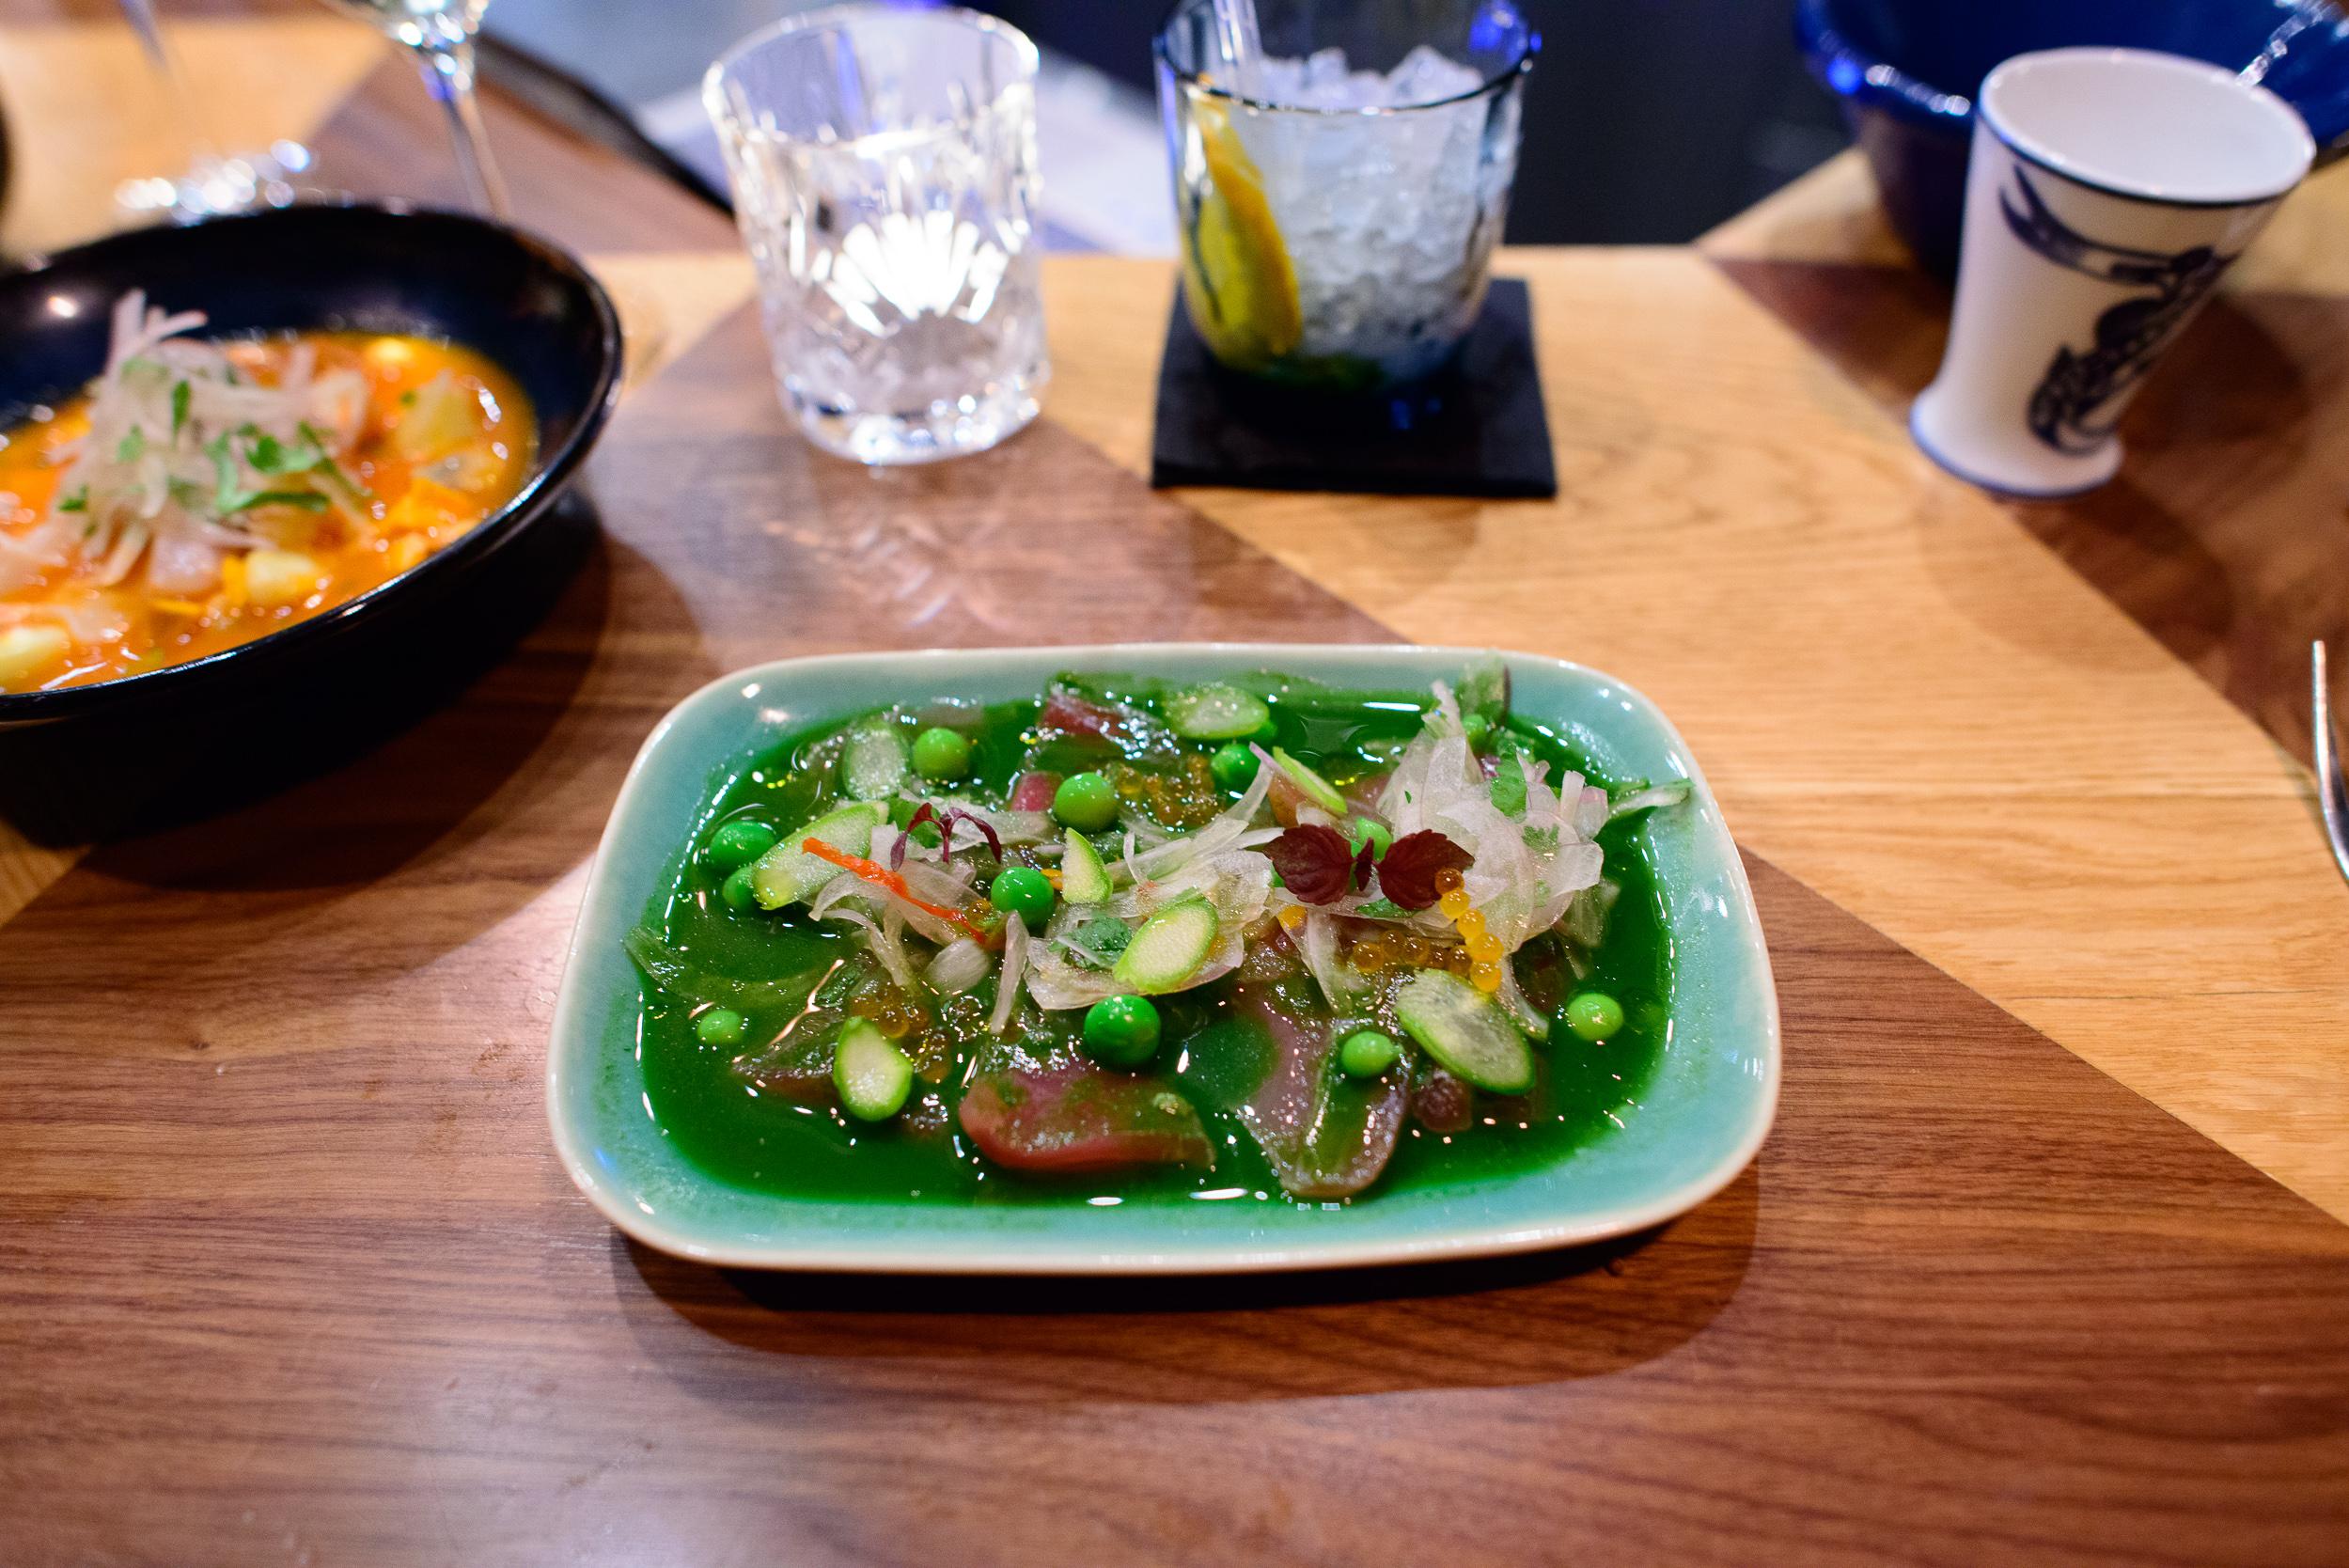 Tiradito verde, poisson du jour, leche de tigre, asperges, pulpe